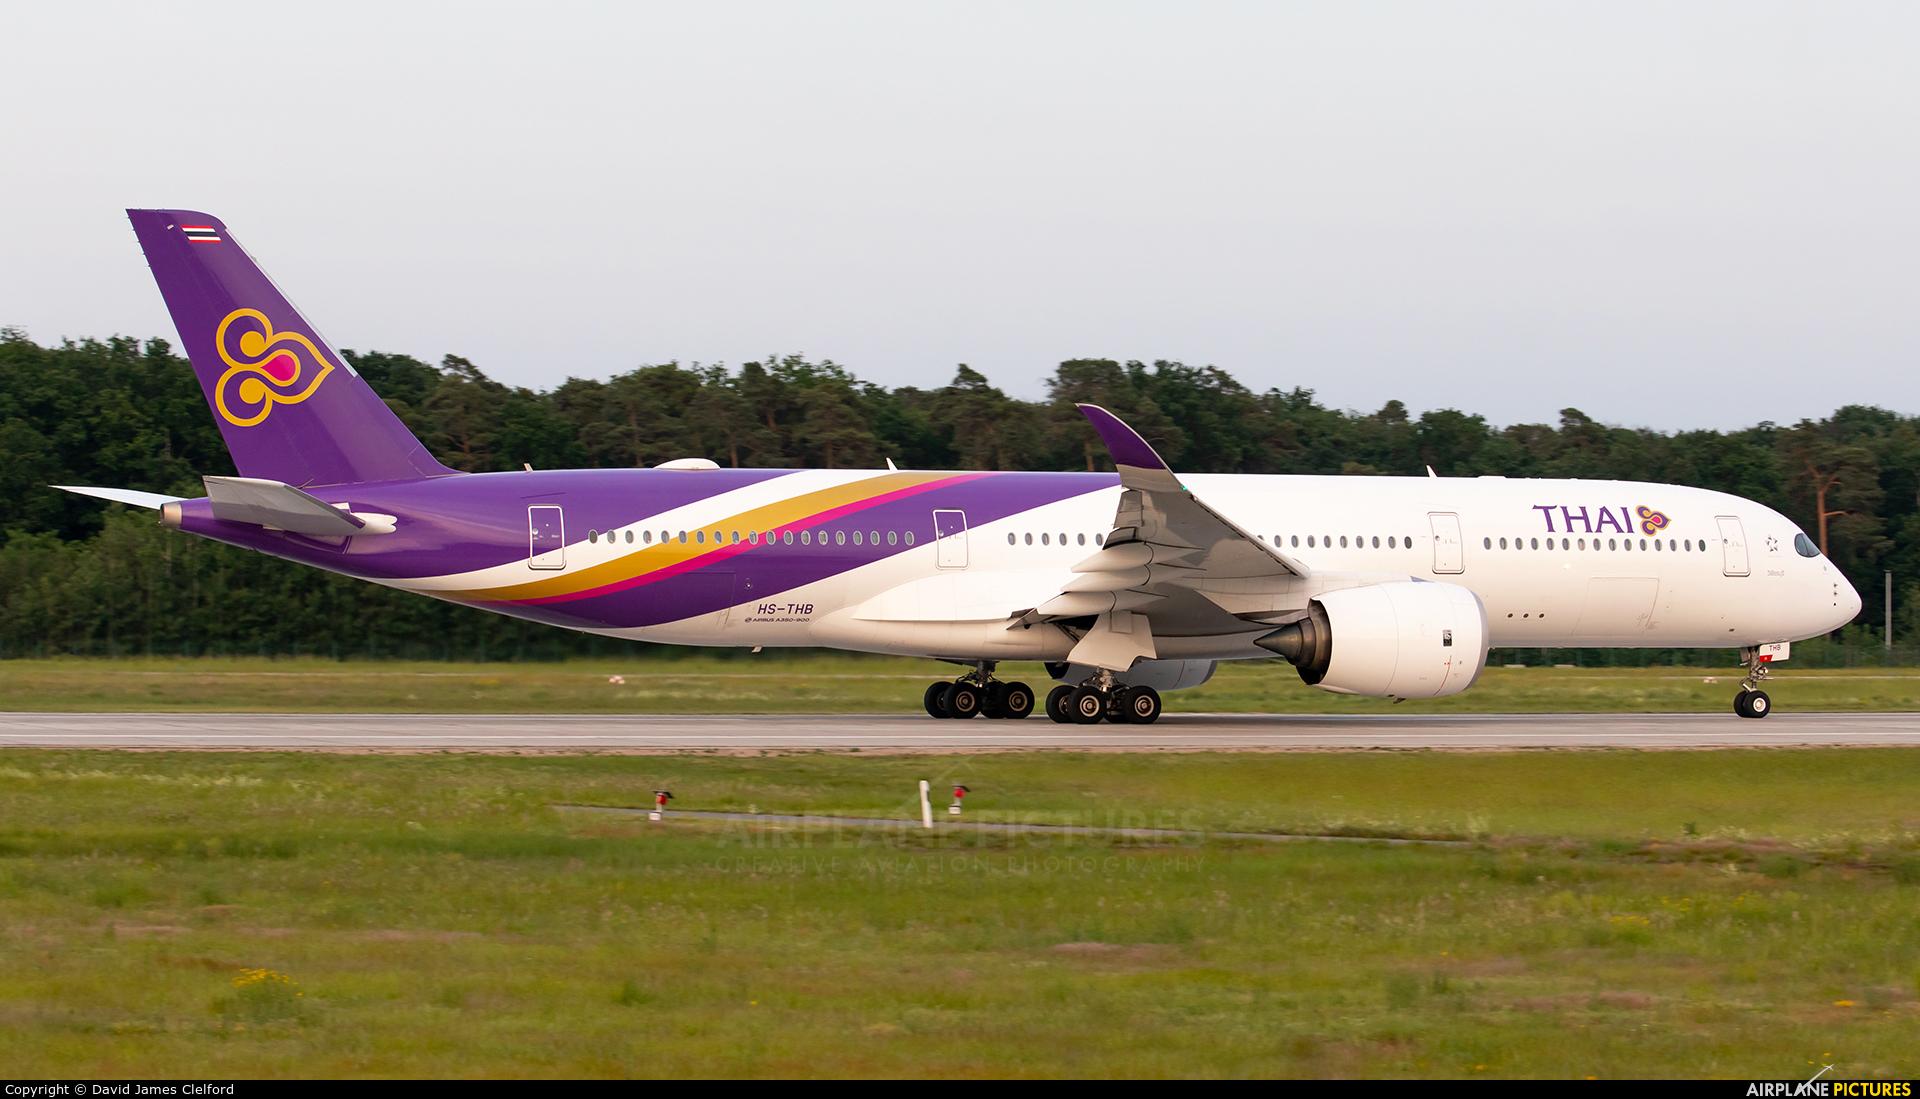 Thai Airways HS-THB aircraft at Frankfurt